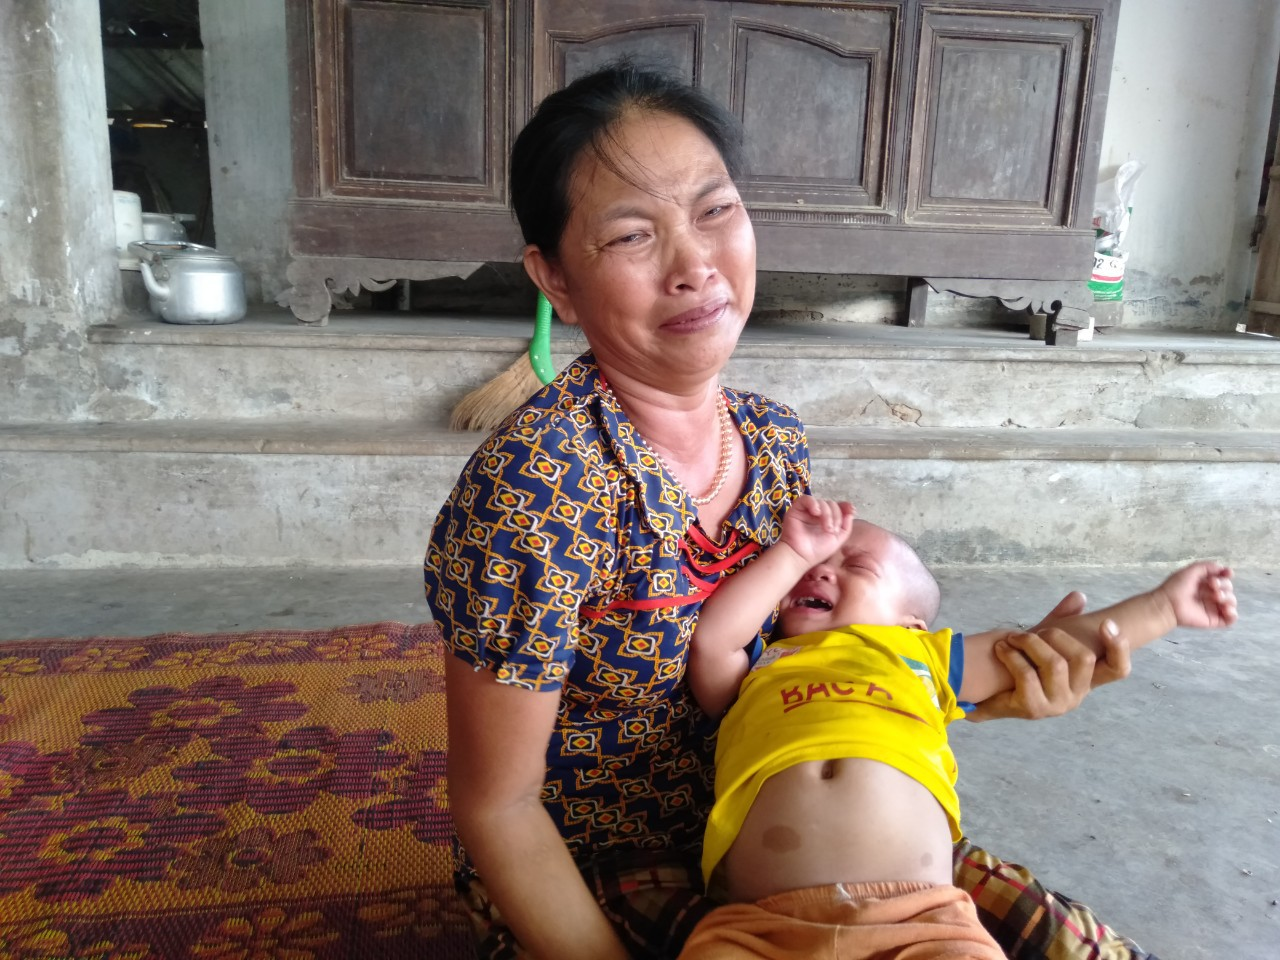 Tiếng khóc xé lòng của bé gái 3 tuổi mắc bệnh hiểm nghèo: 'Bà ơi, cháu đau lắm, sao bố mẹ mãi không về hả bà?' - Ảnh 4